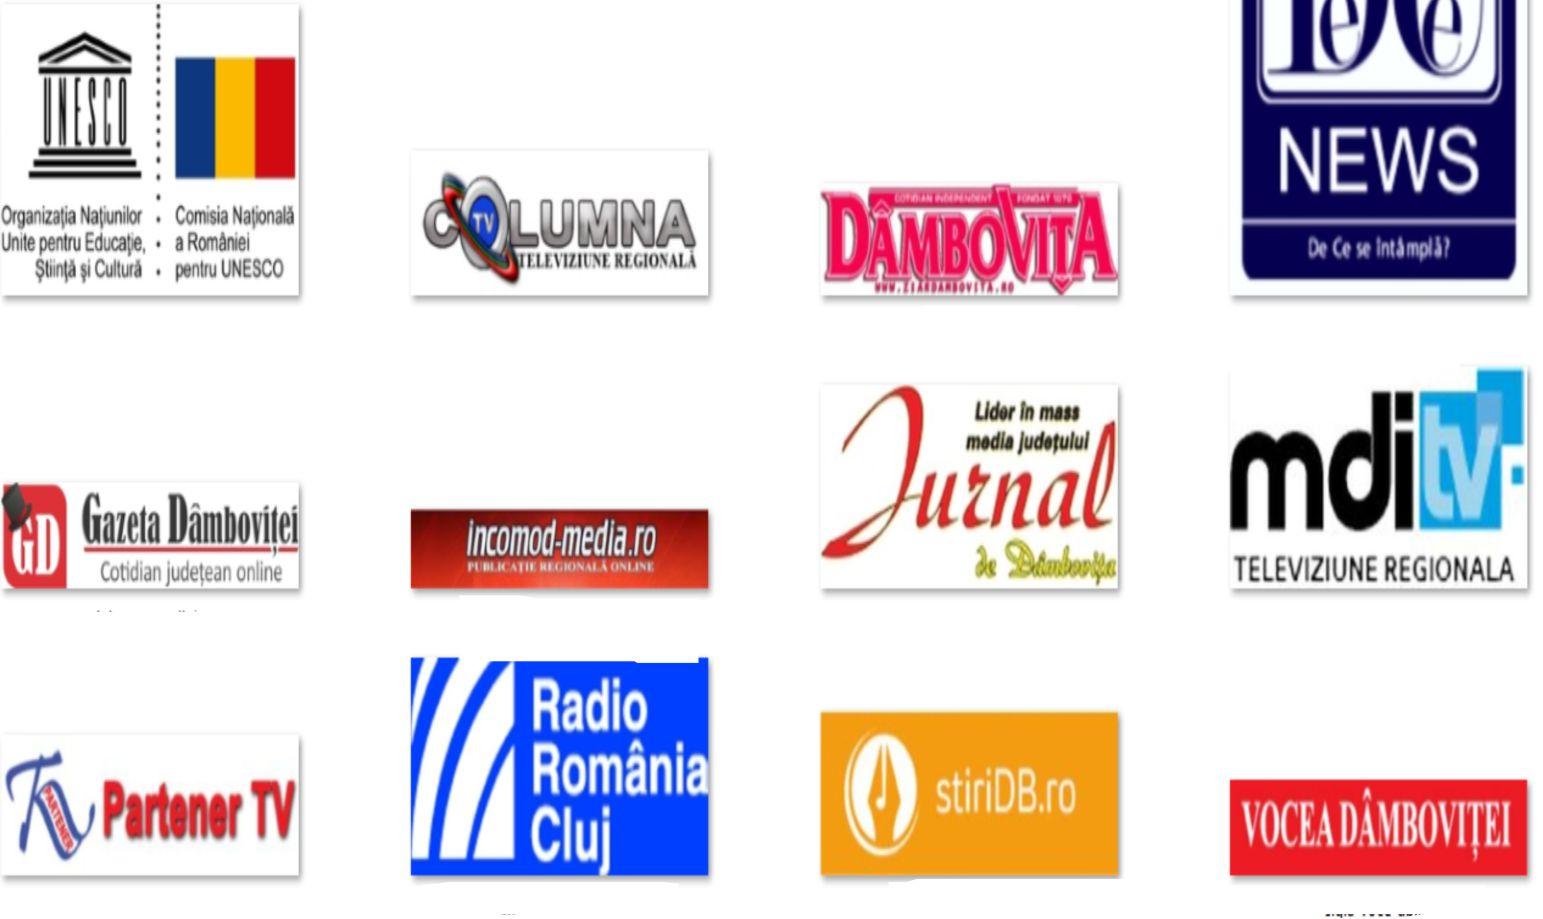 Crizantema de Aur 2017 în media locală și națională